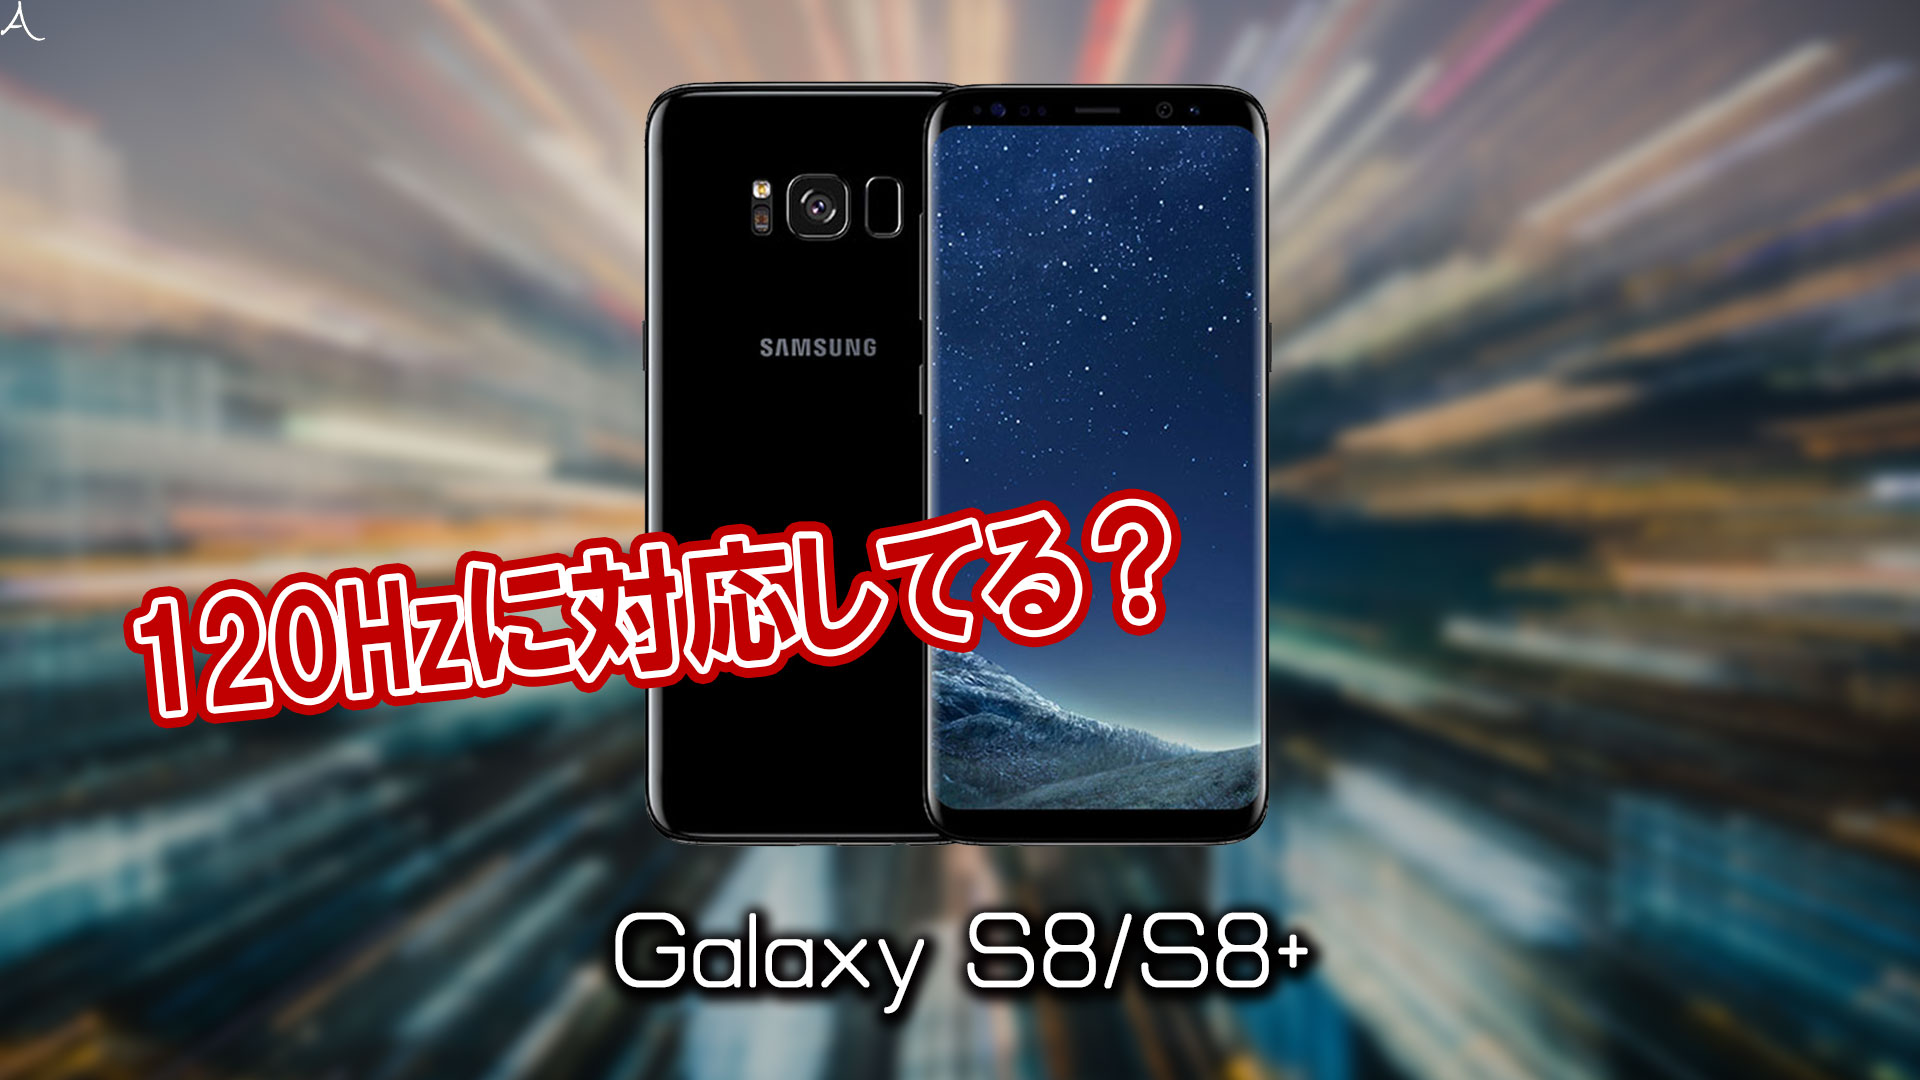 「Galaxy S8/S8+」のリフレッシュレートはいくつ?120Hzには対応してる?